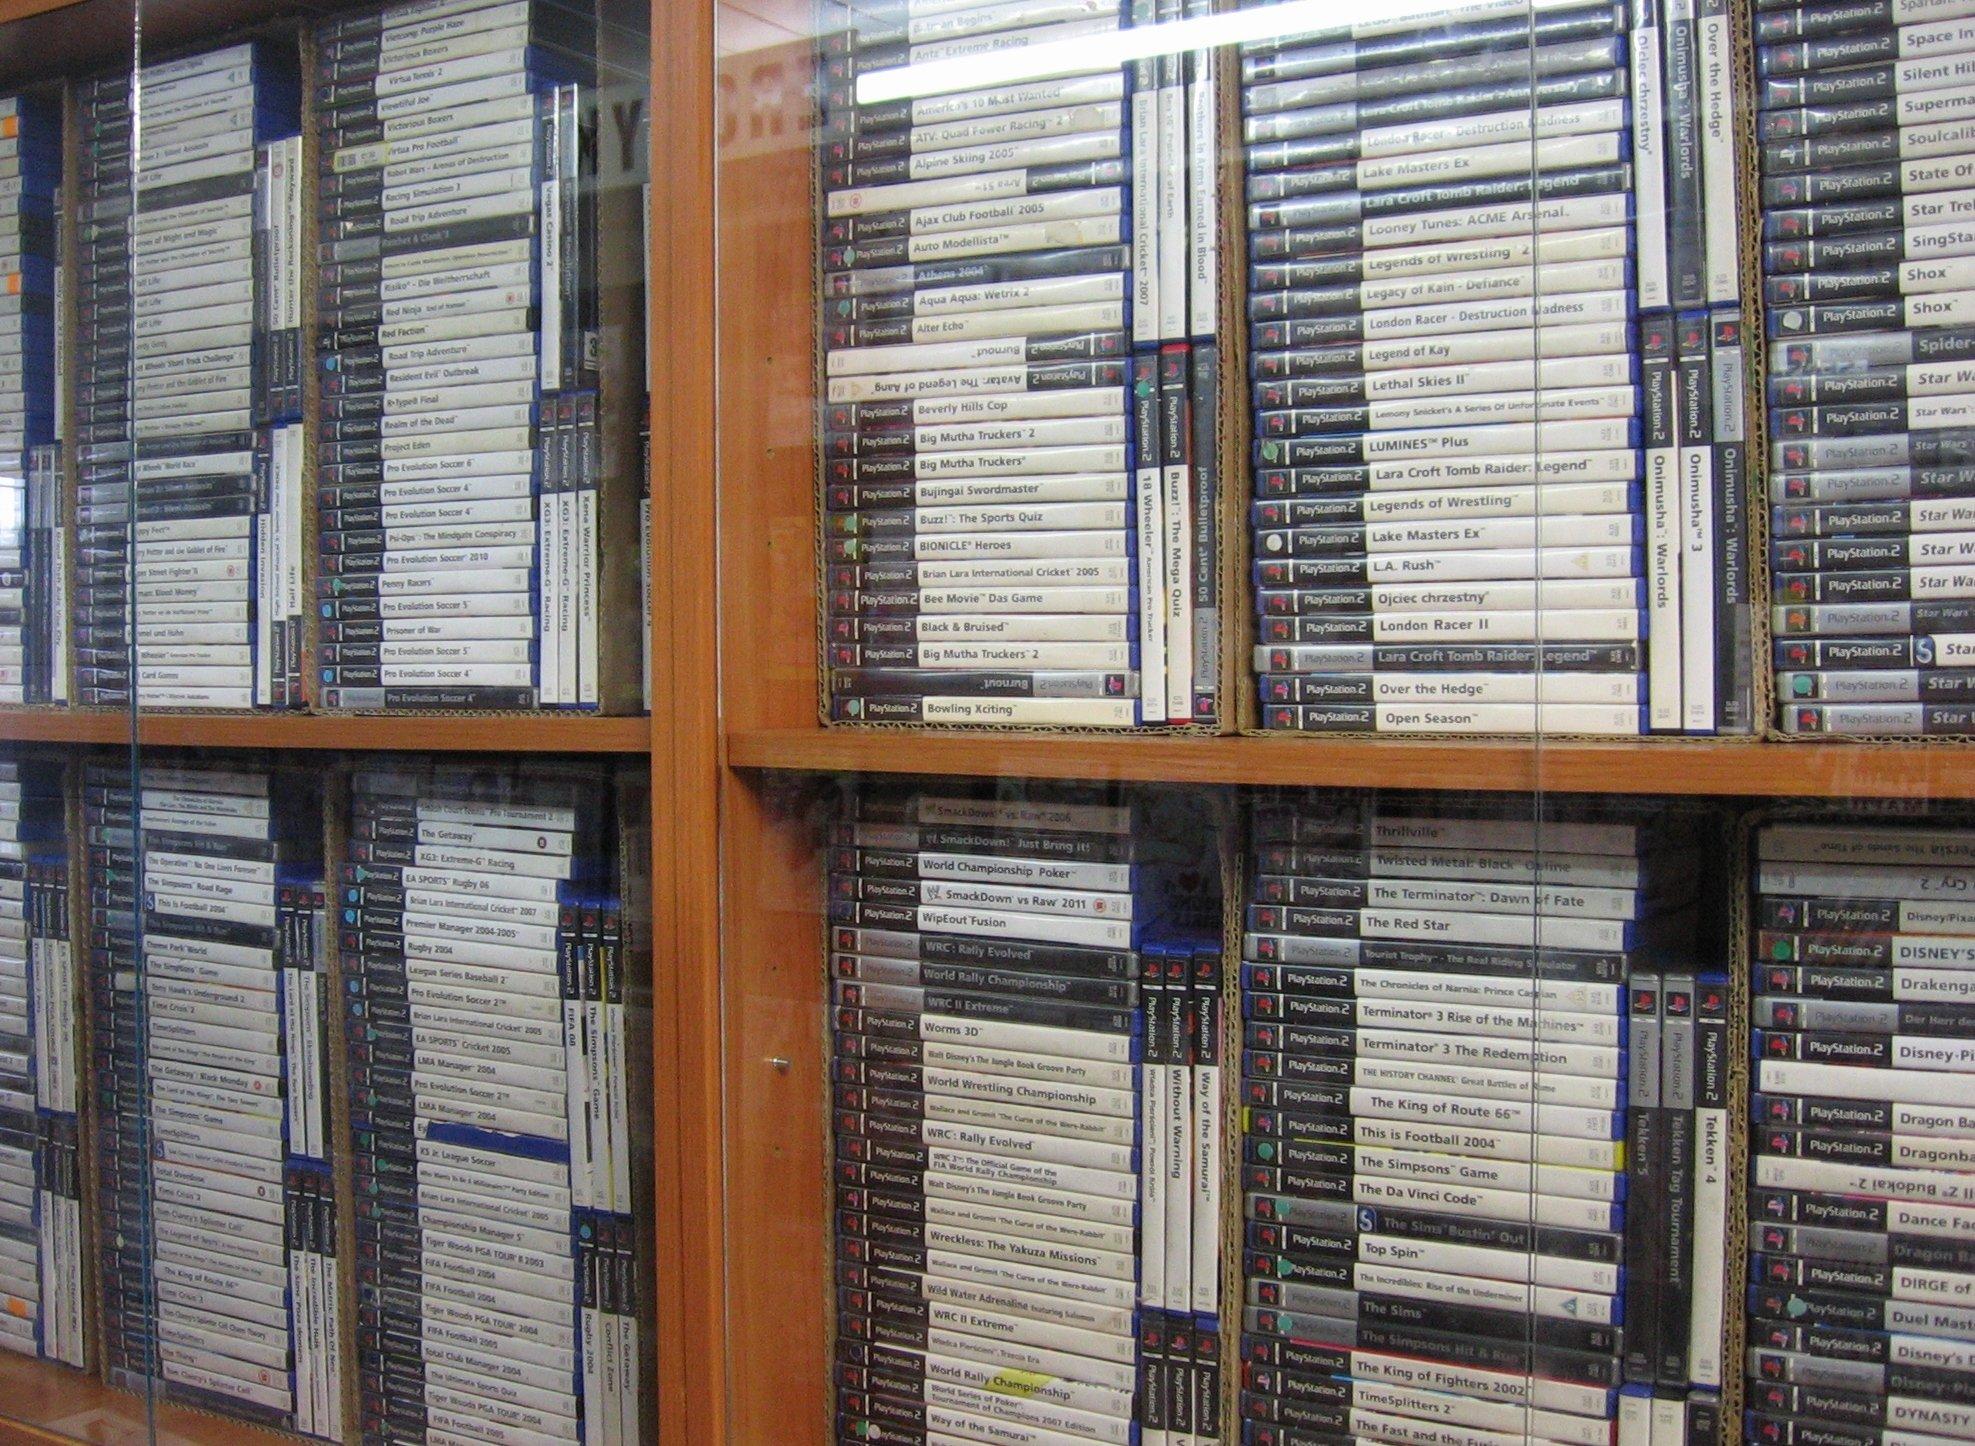 Sprzedaż i wymiana gier na konsole PS2 - Opole - AlleOpole.pl